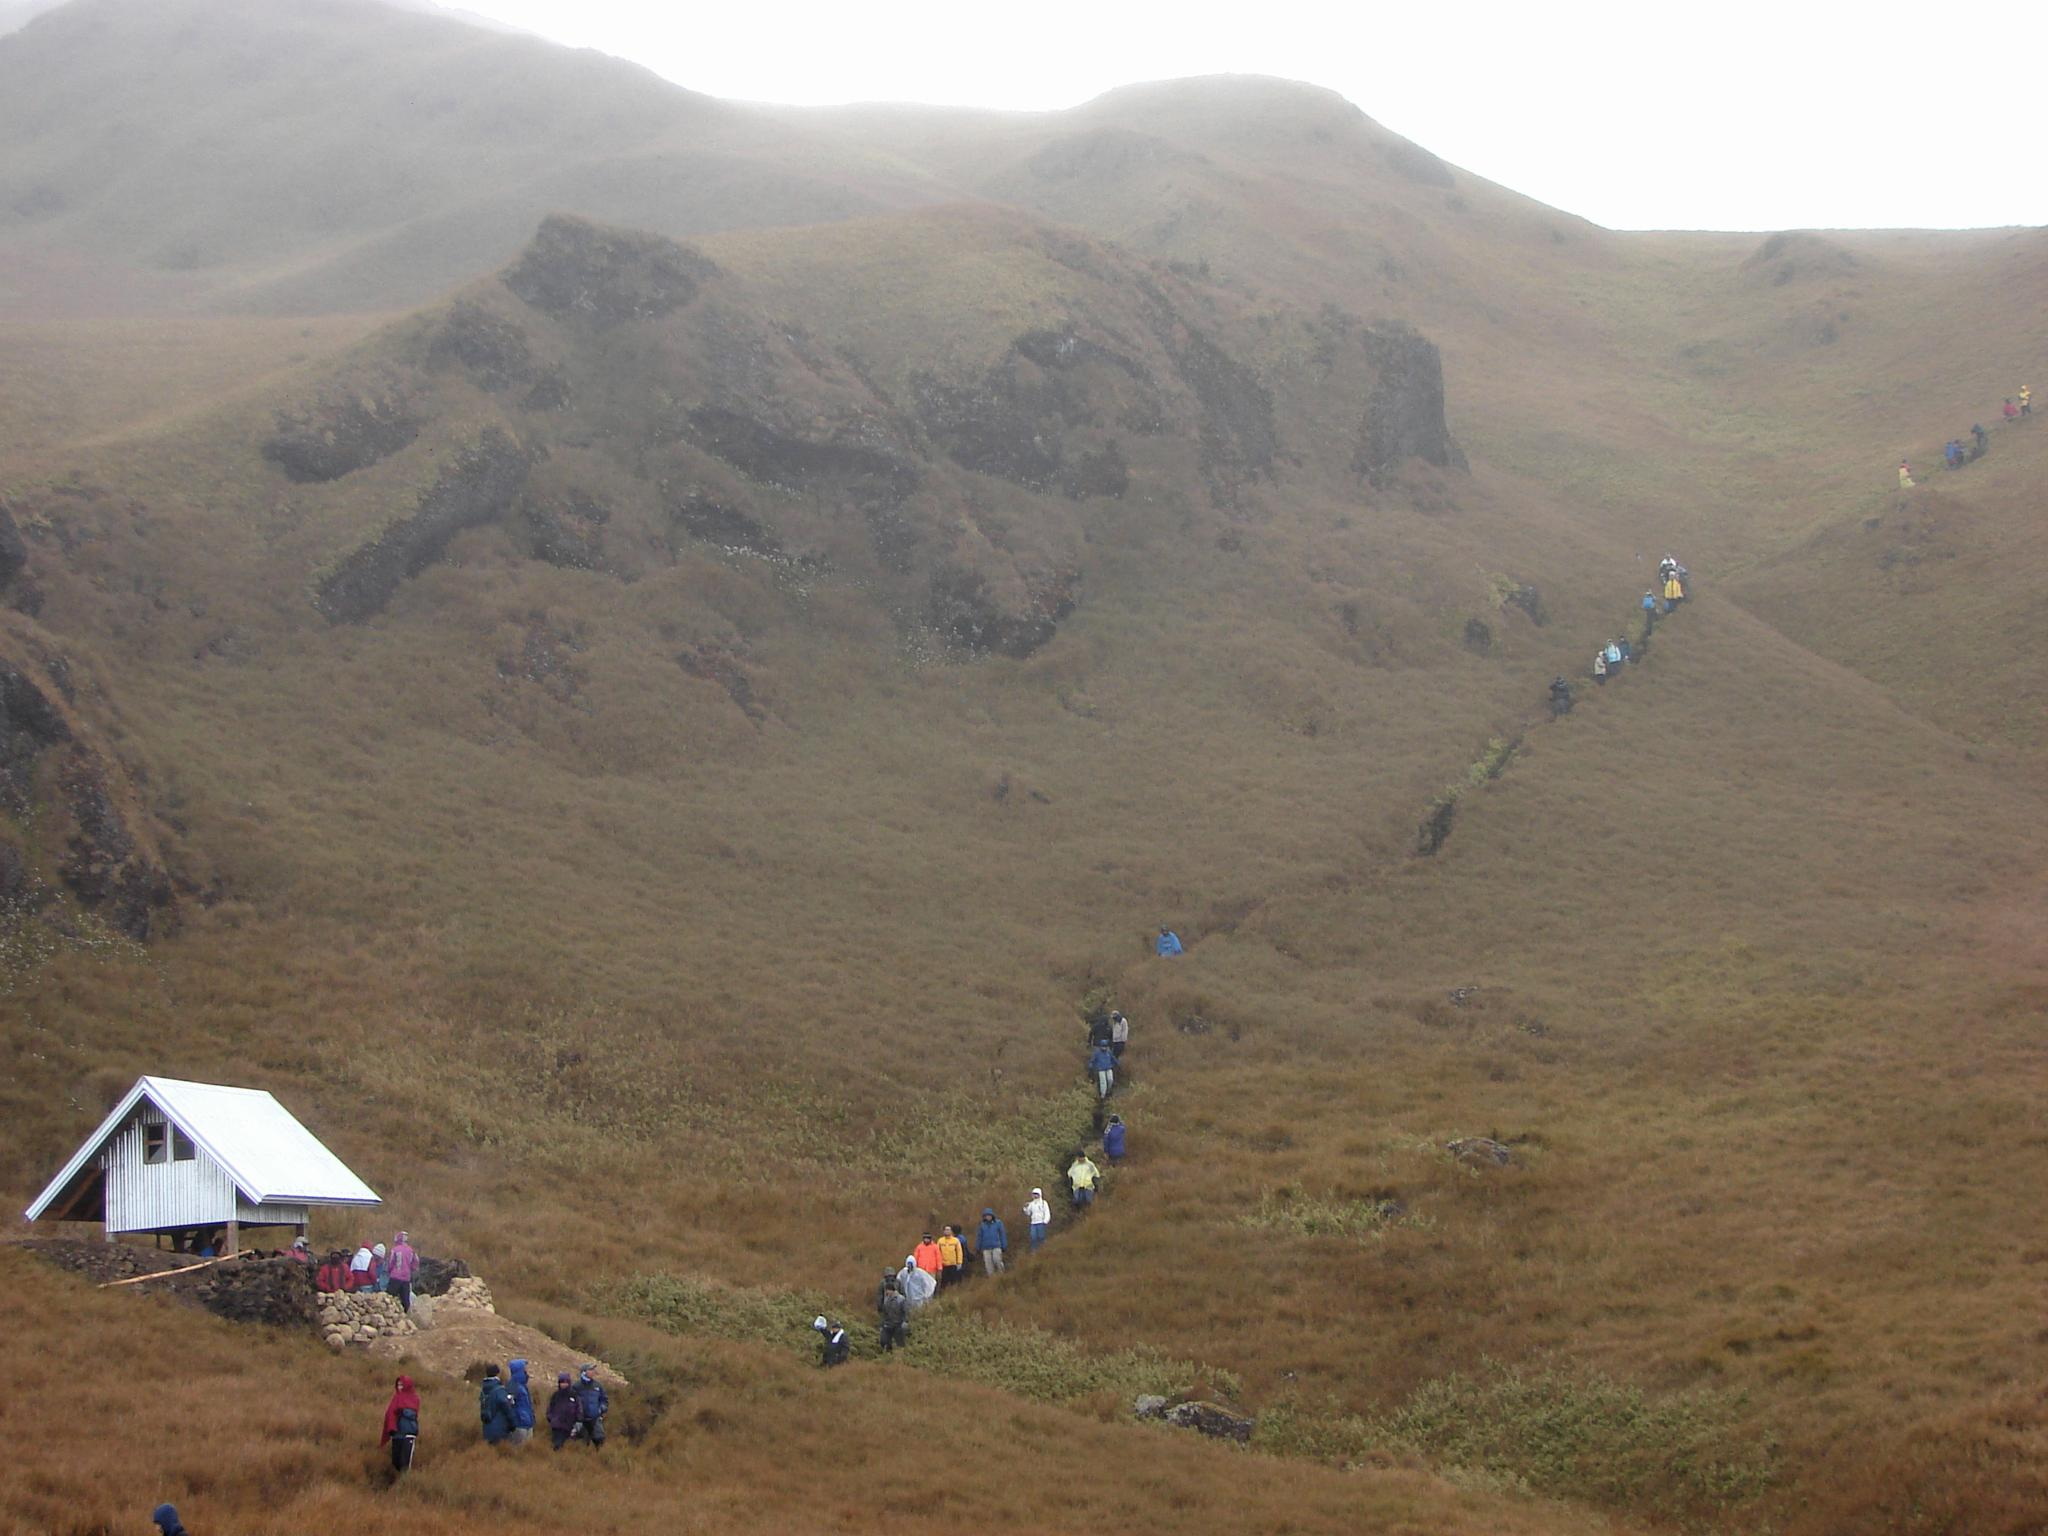 Saddle Camp, Mt. Pulag by Bien Bacarra